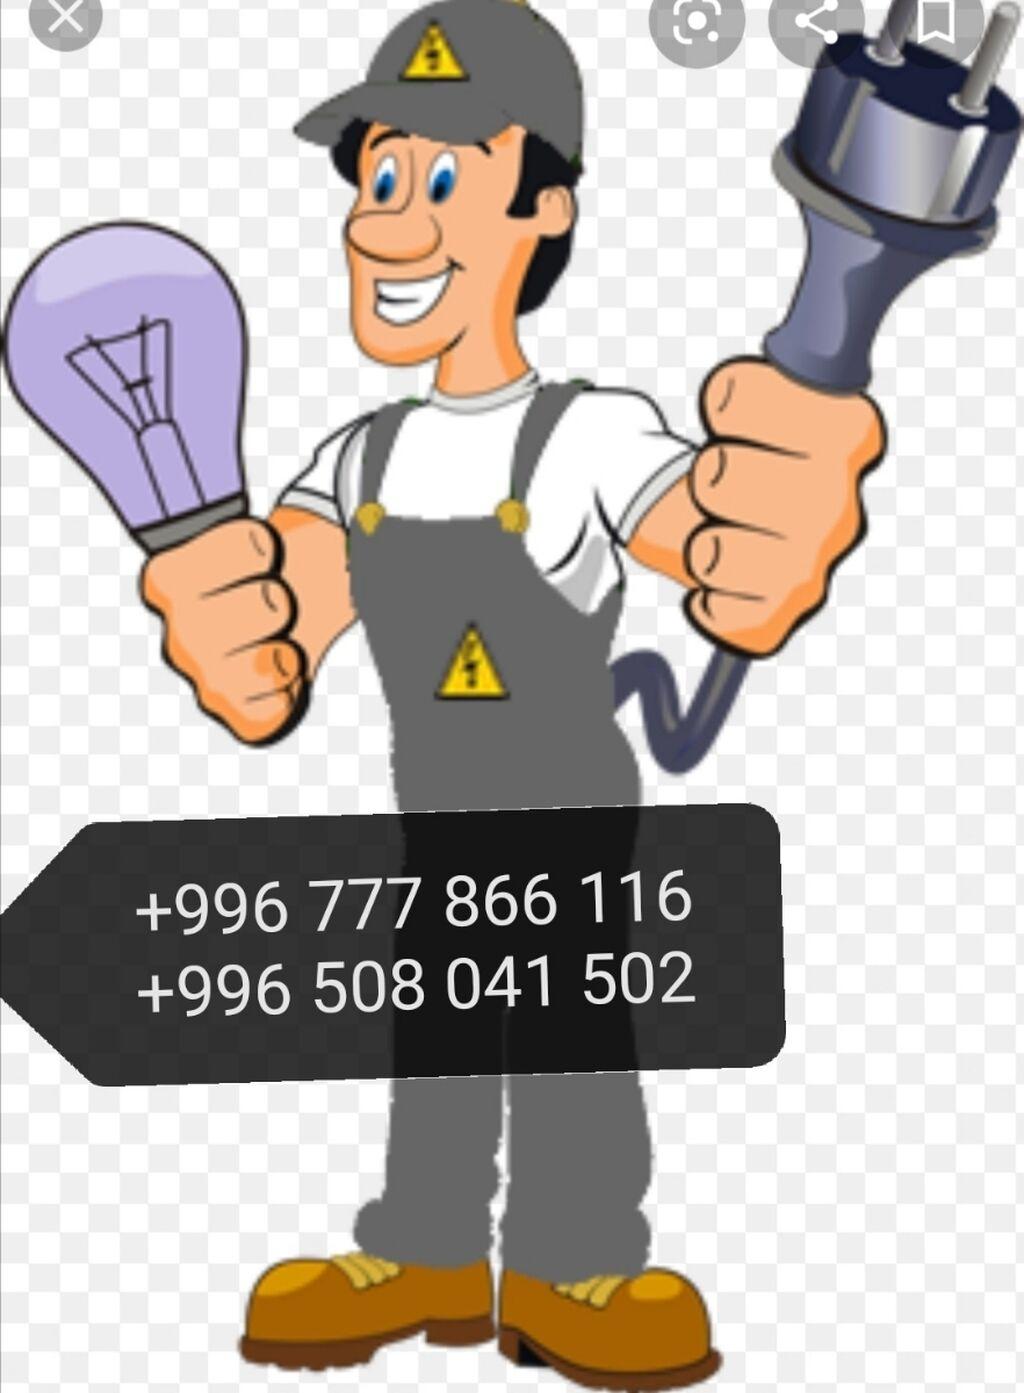 Электрик | Установка люстр, бра, светильников, Прокладка, замена кабеля | Стаж 3-5 лет опыта: Электрик | Установка люстр, бра, светильников, Прокладка, замена кабеля | Стаж 3-5 лет опыта